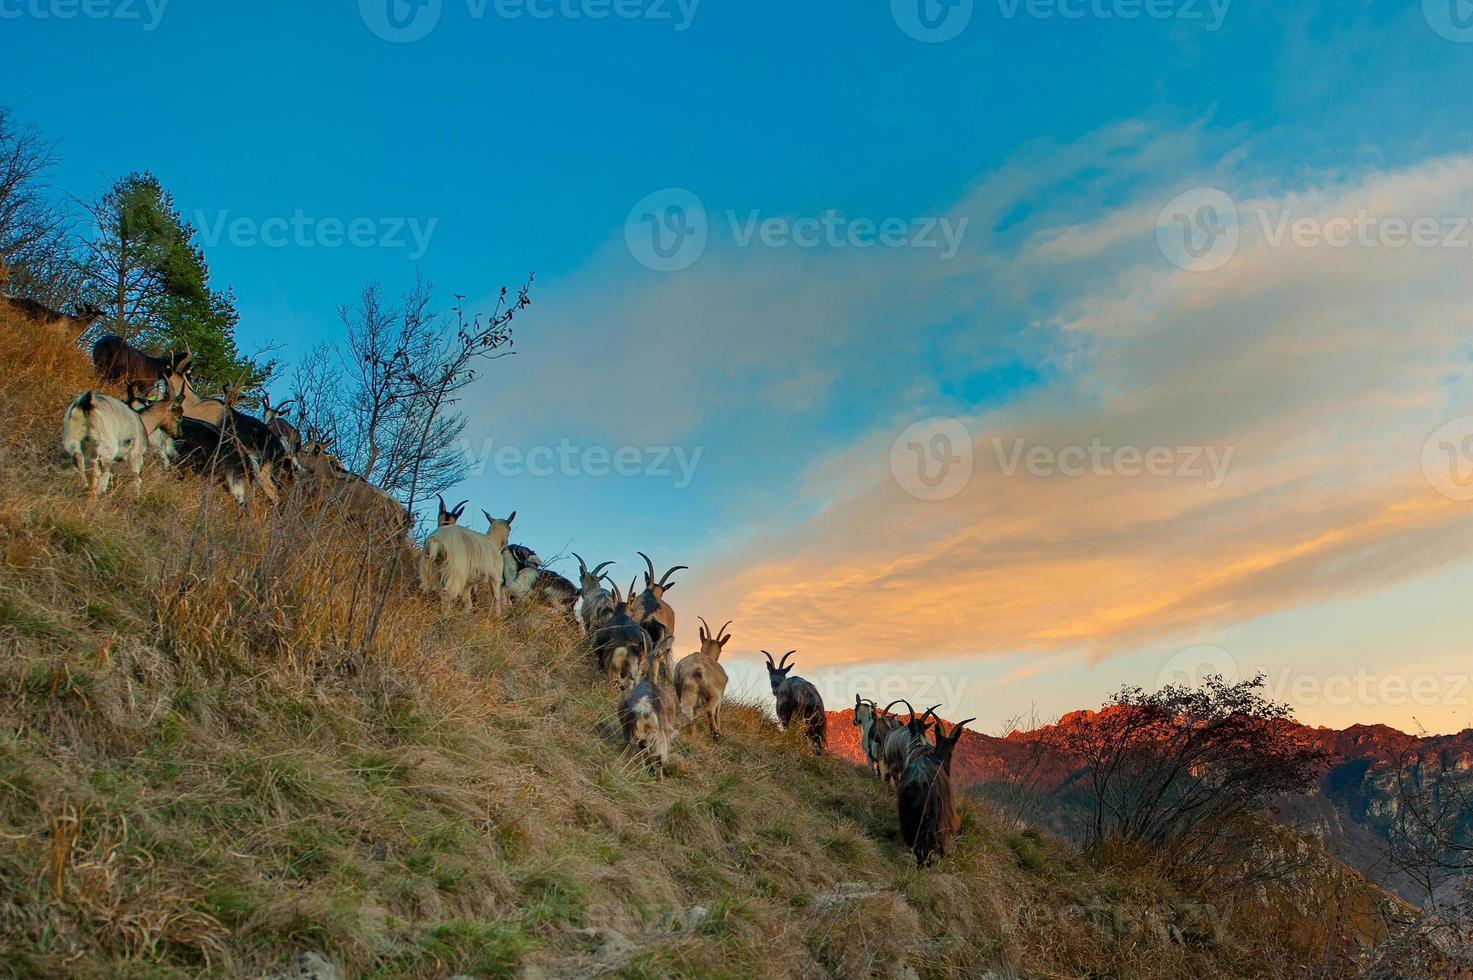 cabras montesas en la última luz del día foto